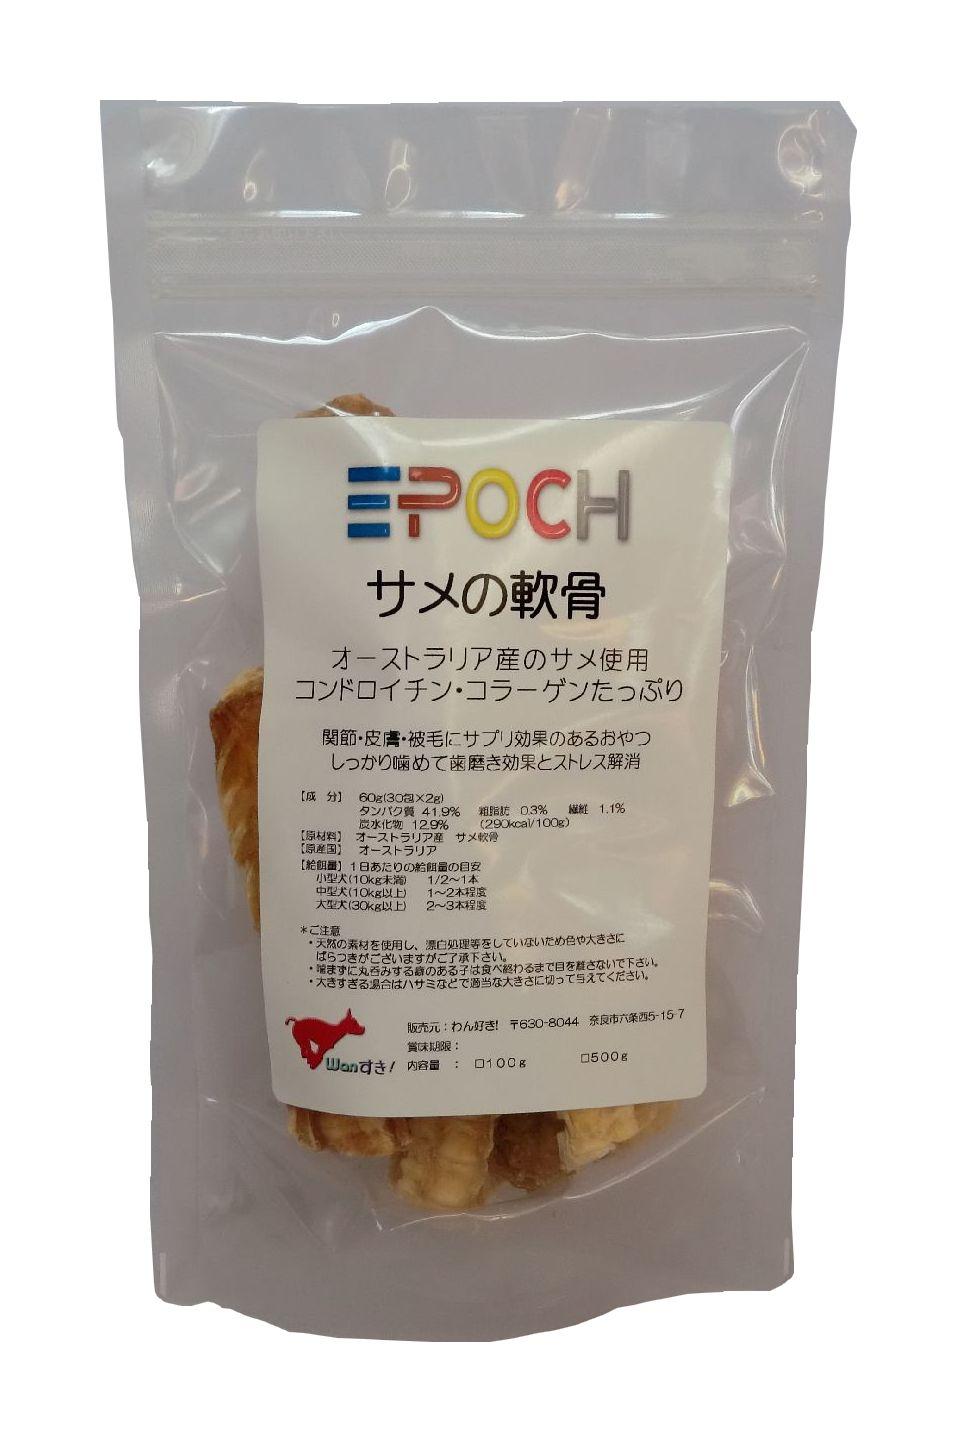 epoch_same_100g